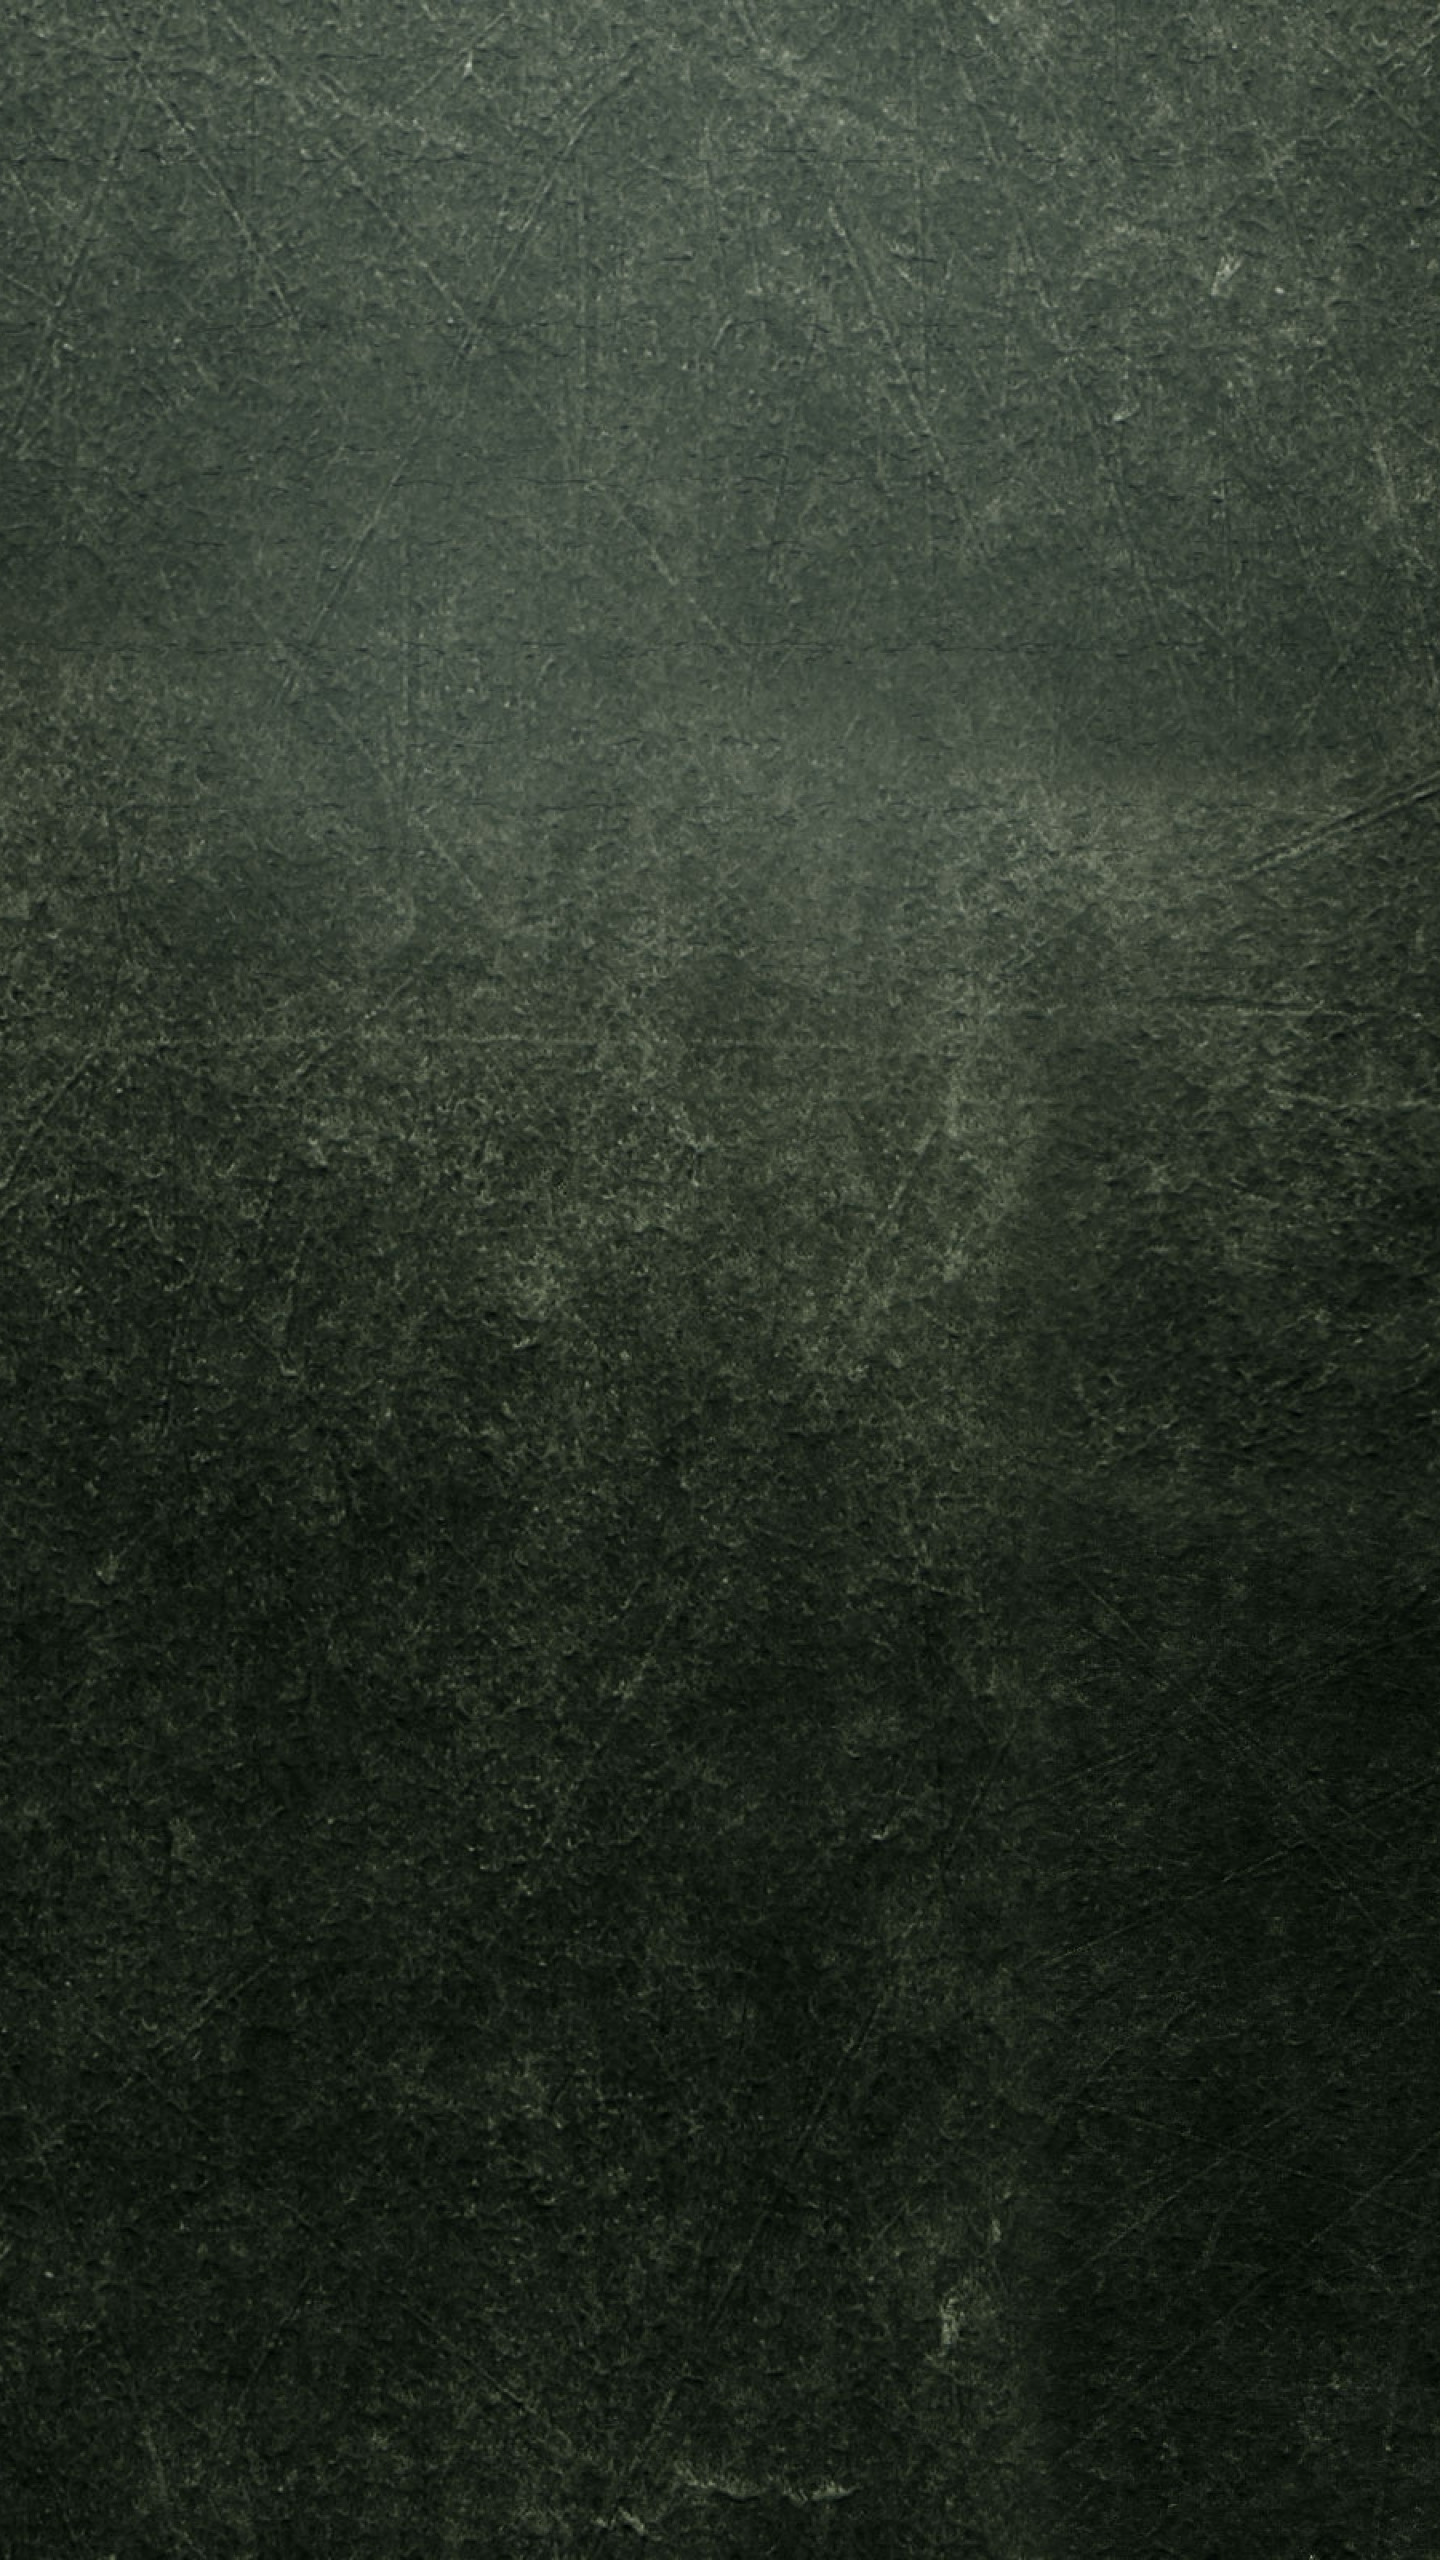 Dark Minimalist Wallpaper 78 Pictures